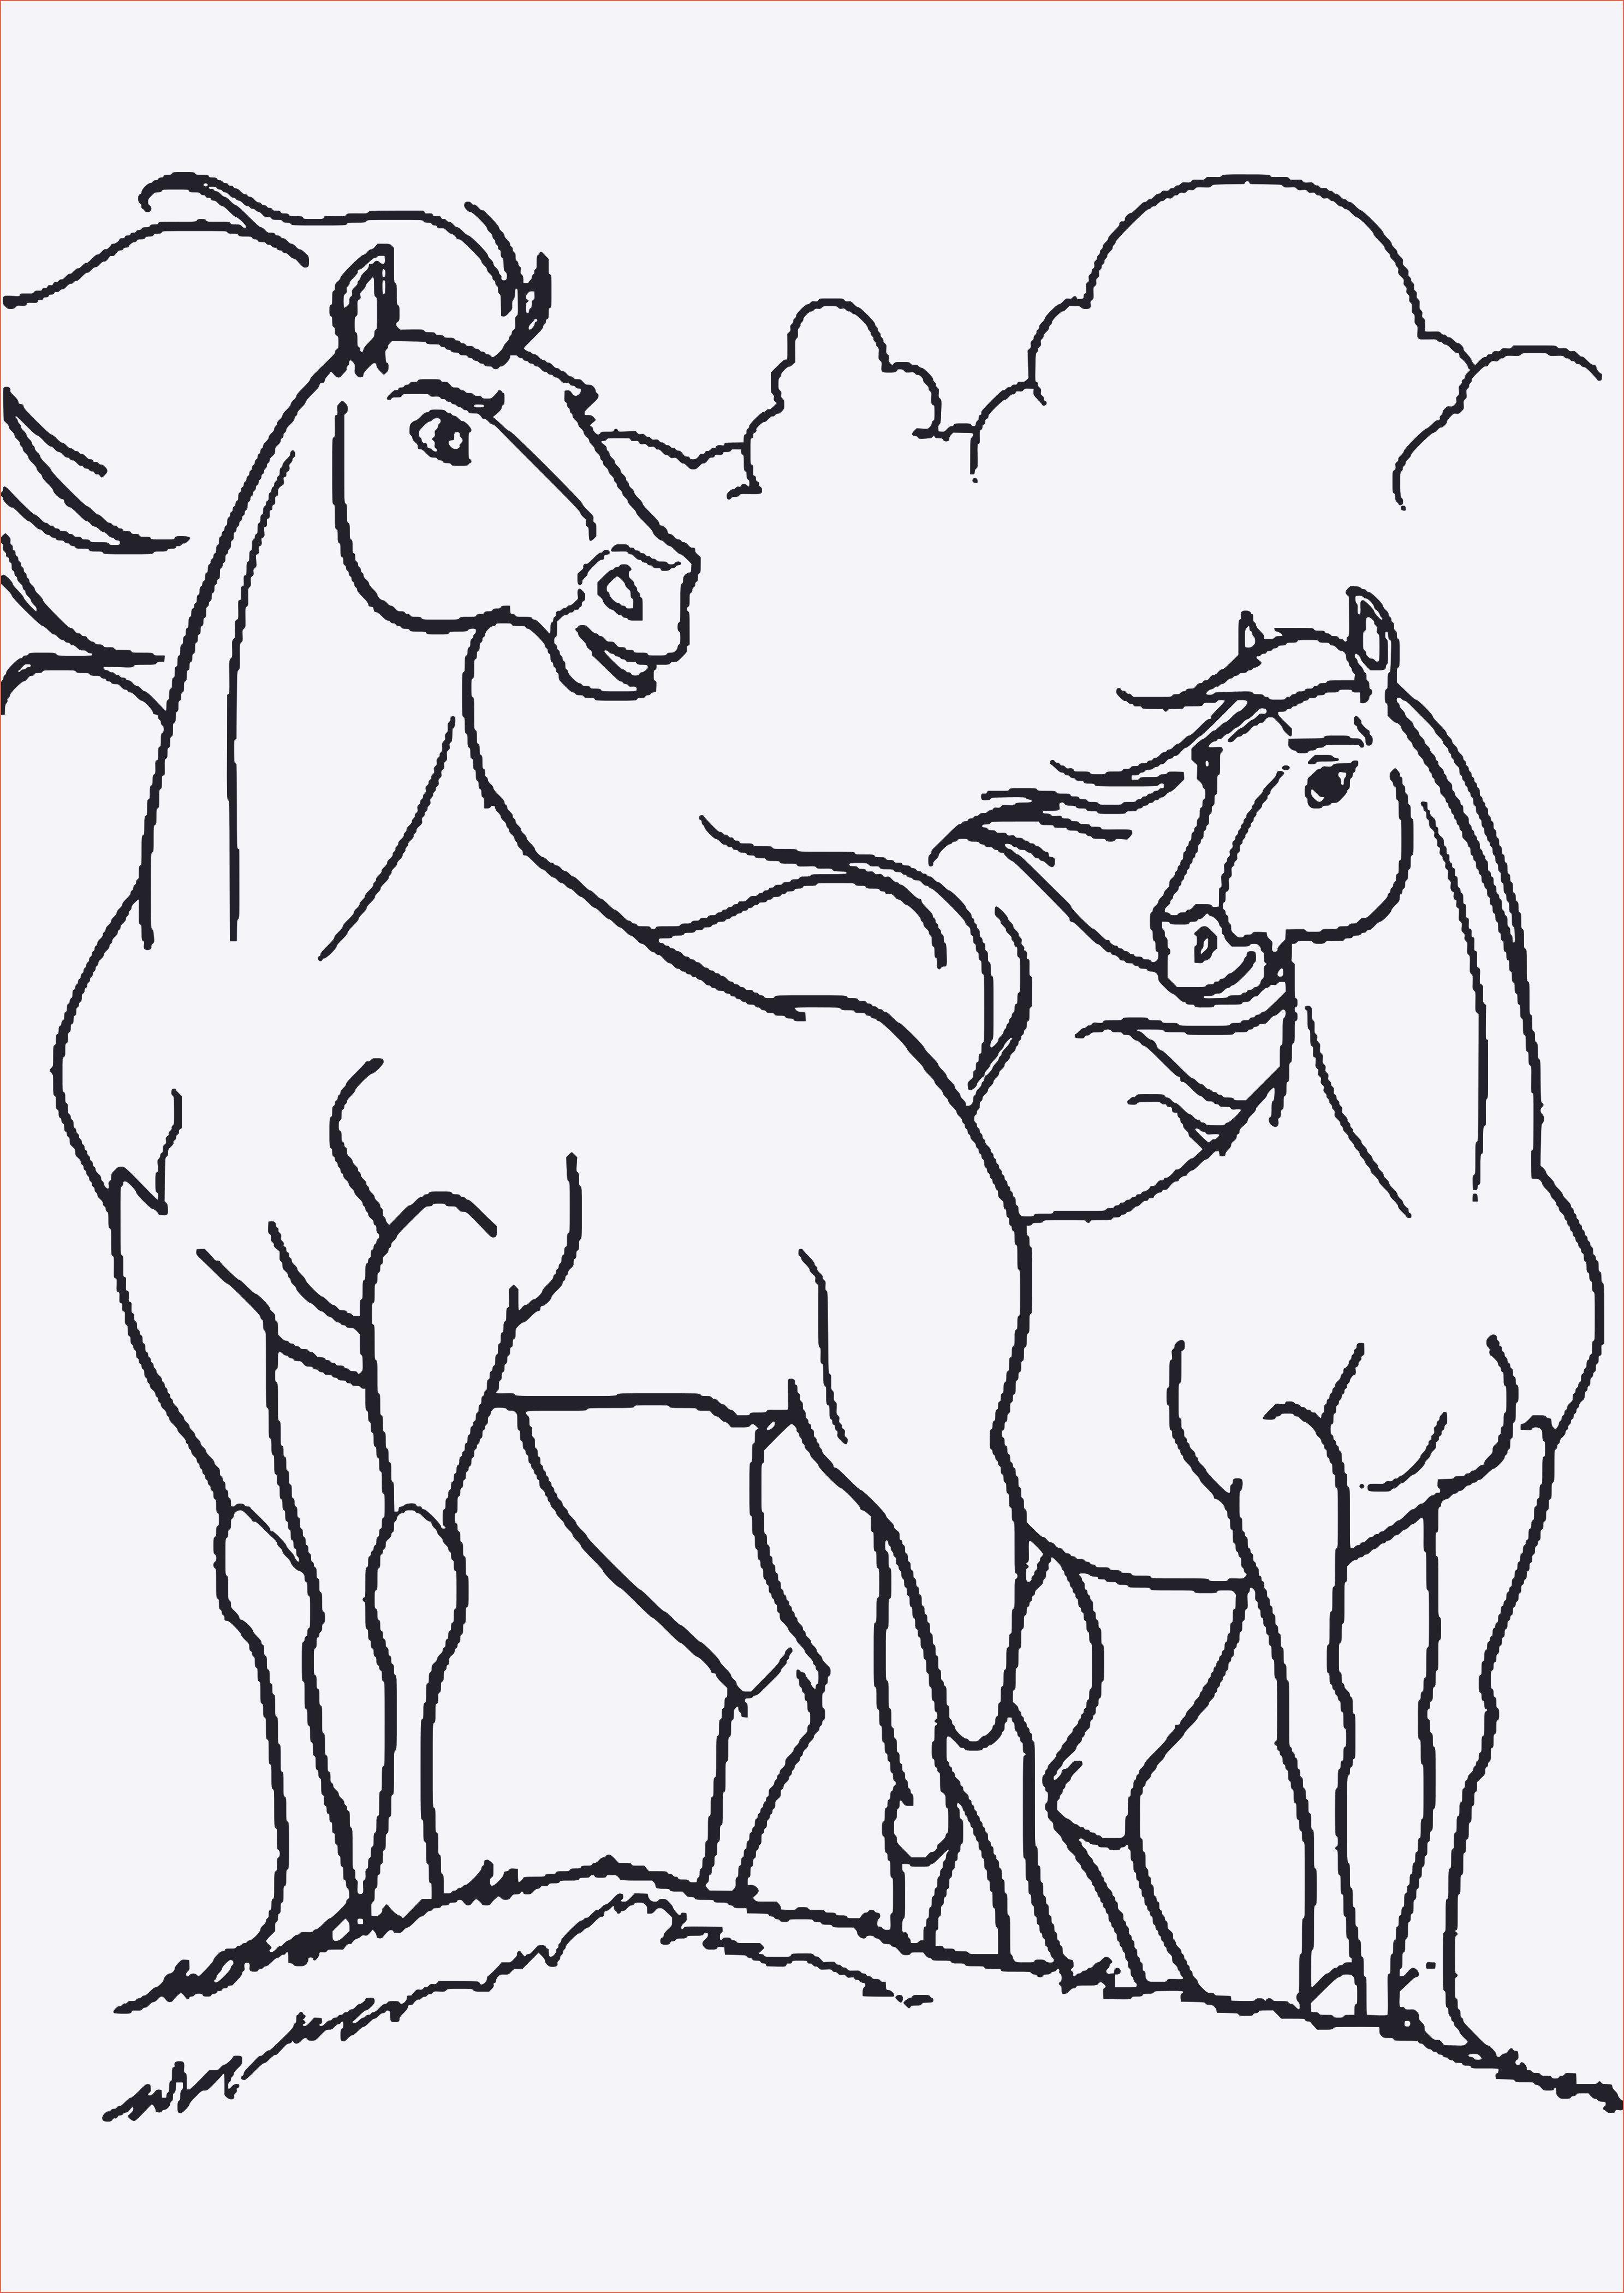 Ausmalbilder Pferde Mit Madchen Neu Ausmalbilder Filly Pferde